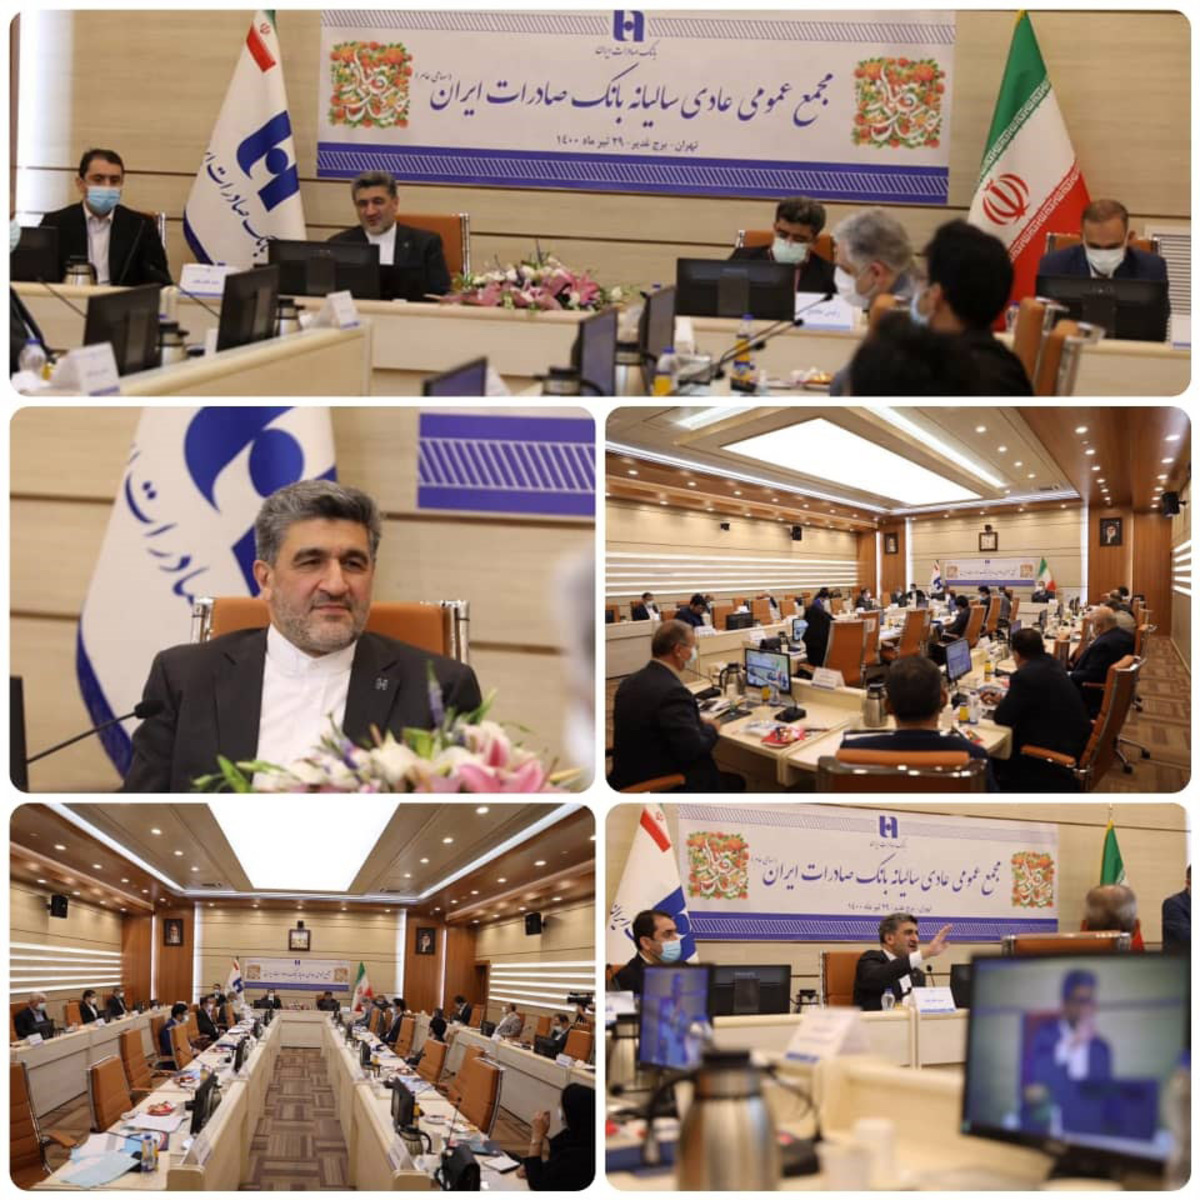 بانک صادرات ایران پس از سالها سود تقسیم کرد